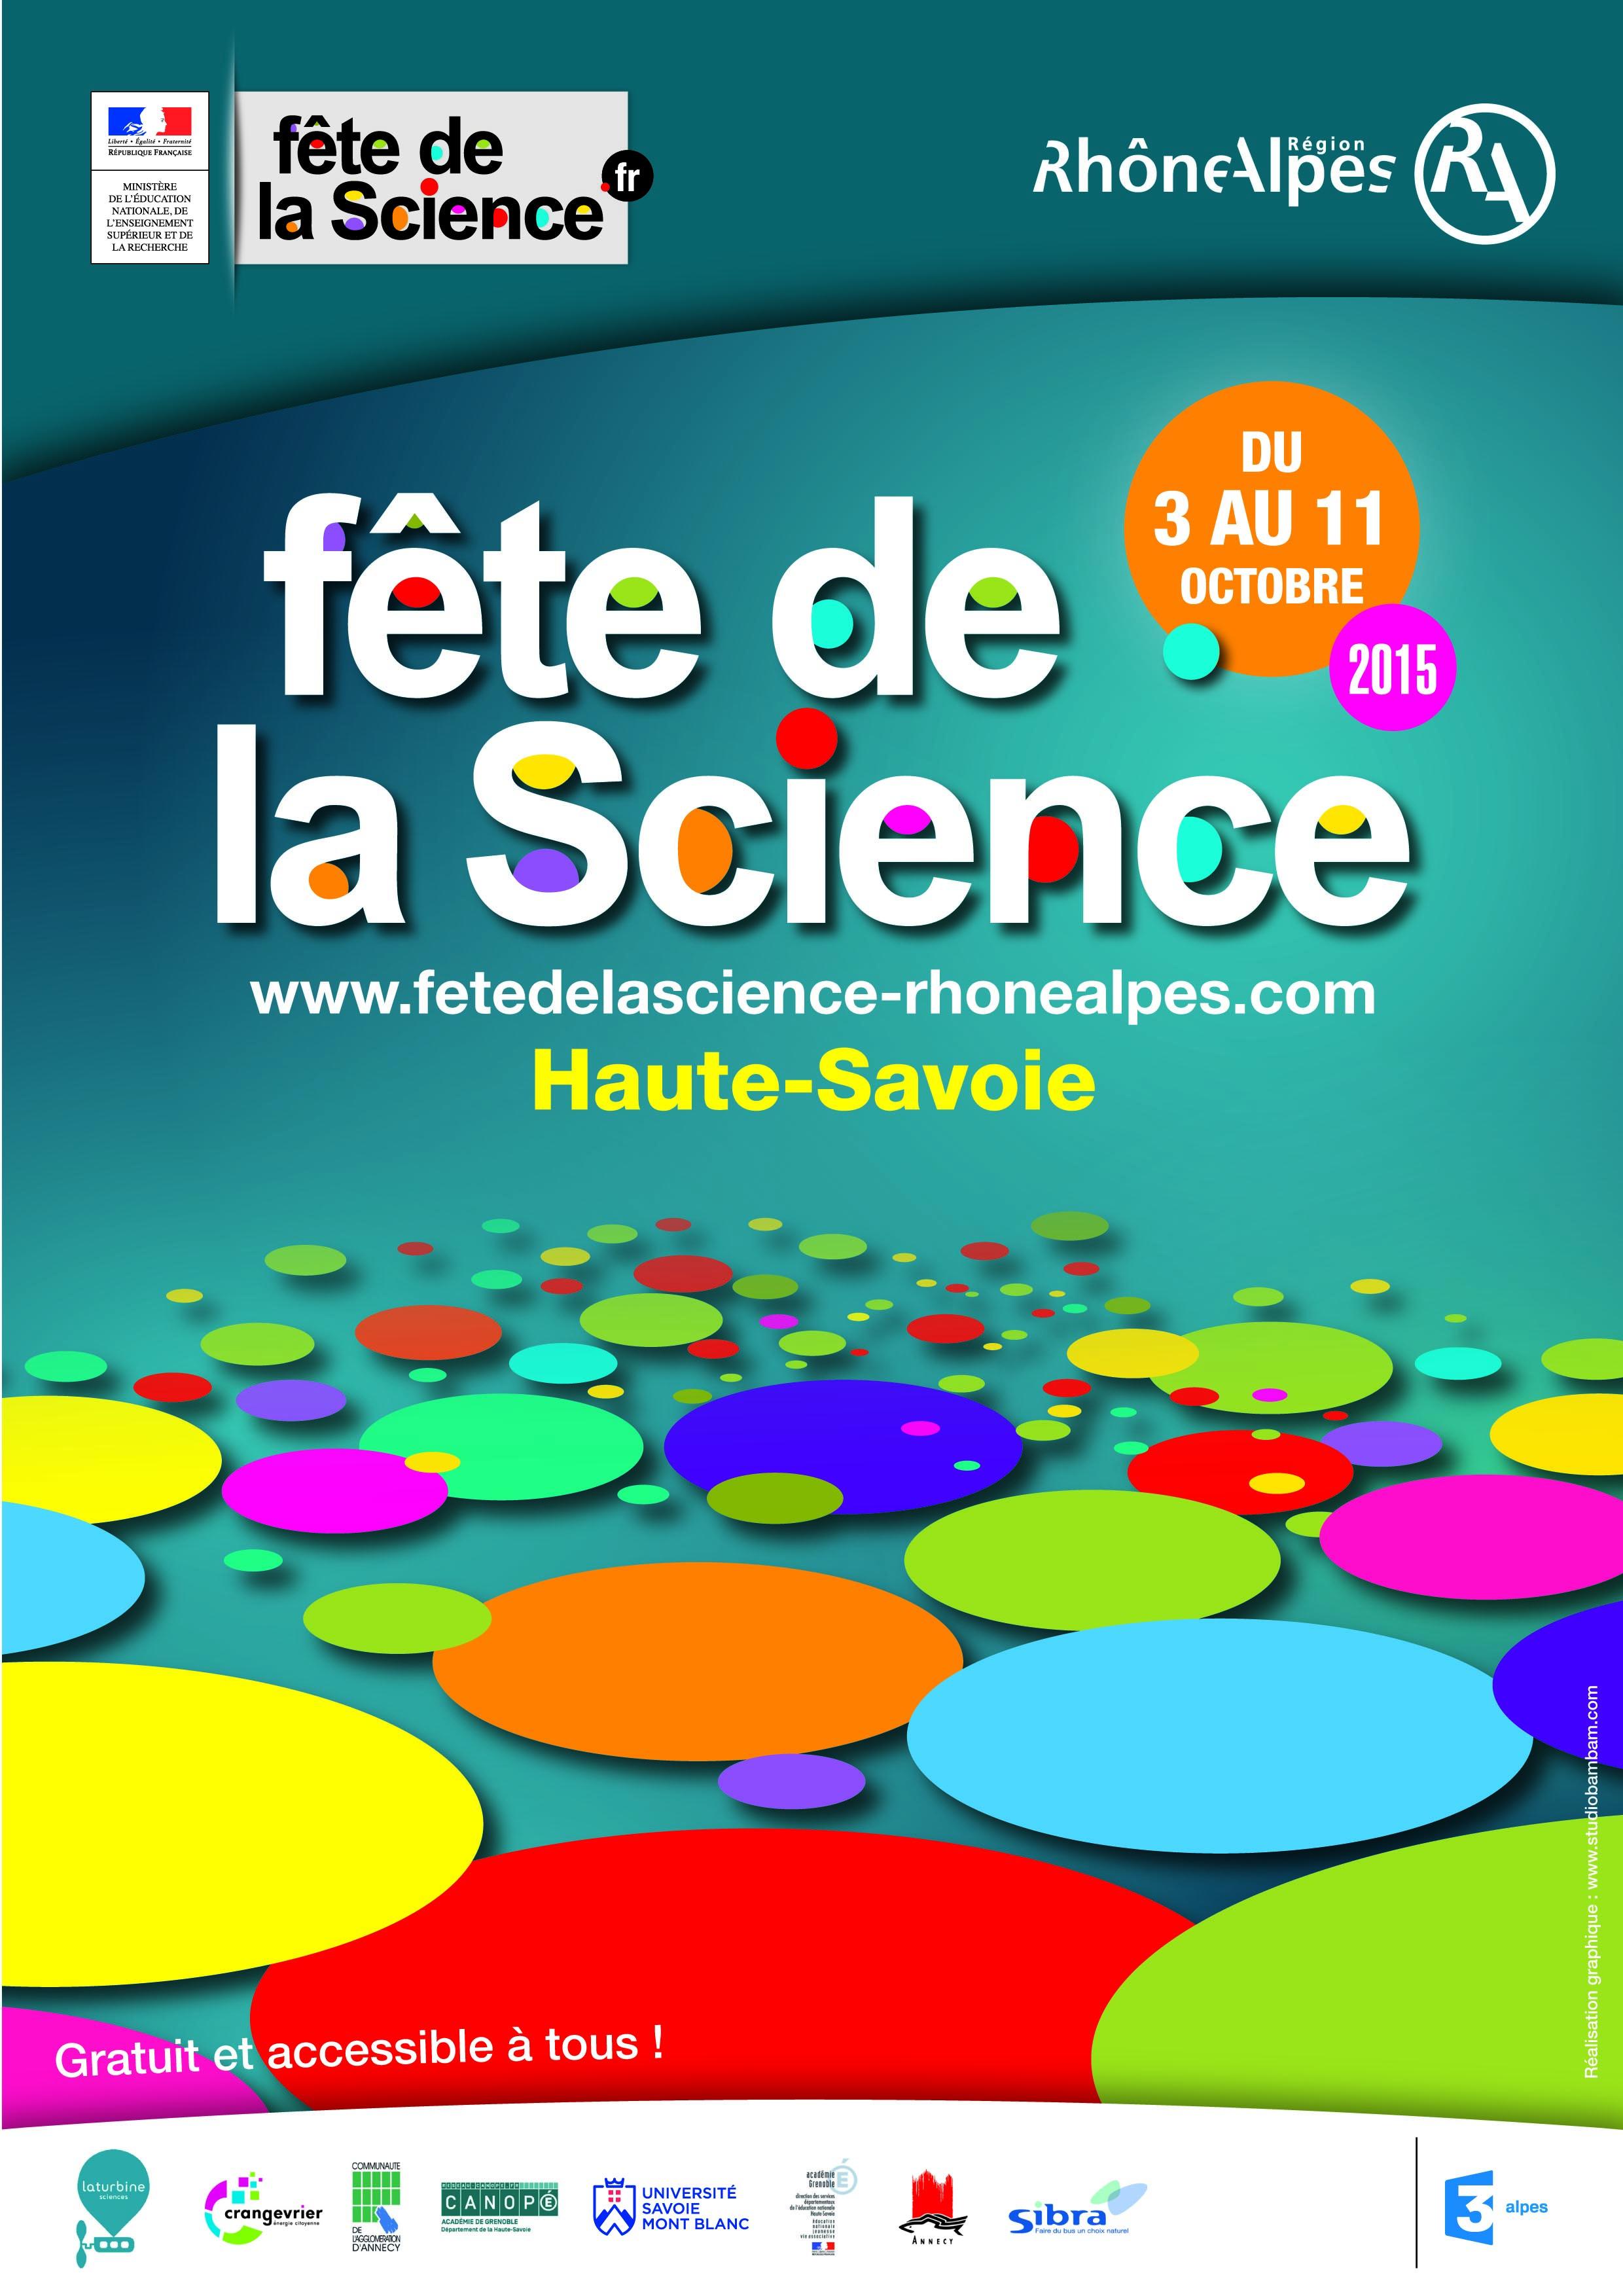 La fête de la science, pour faire les apprentis sorcier ! Du 3 au 11 oct. 2015